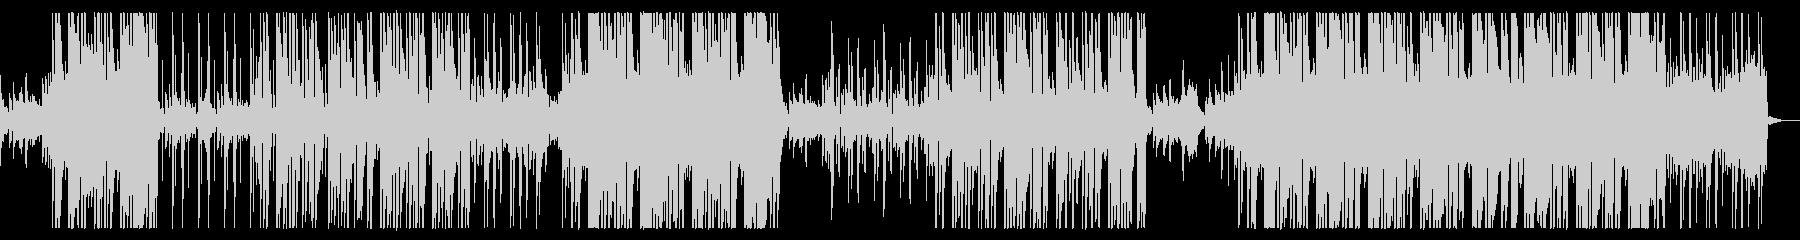 感動的ピアノ・ヒップホップの未再生の波形